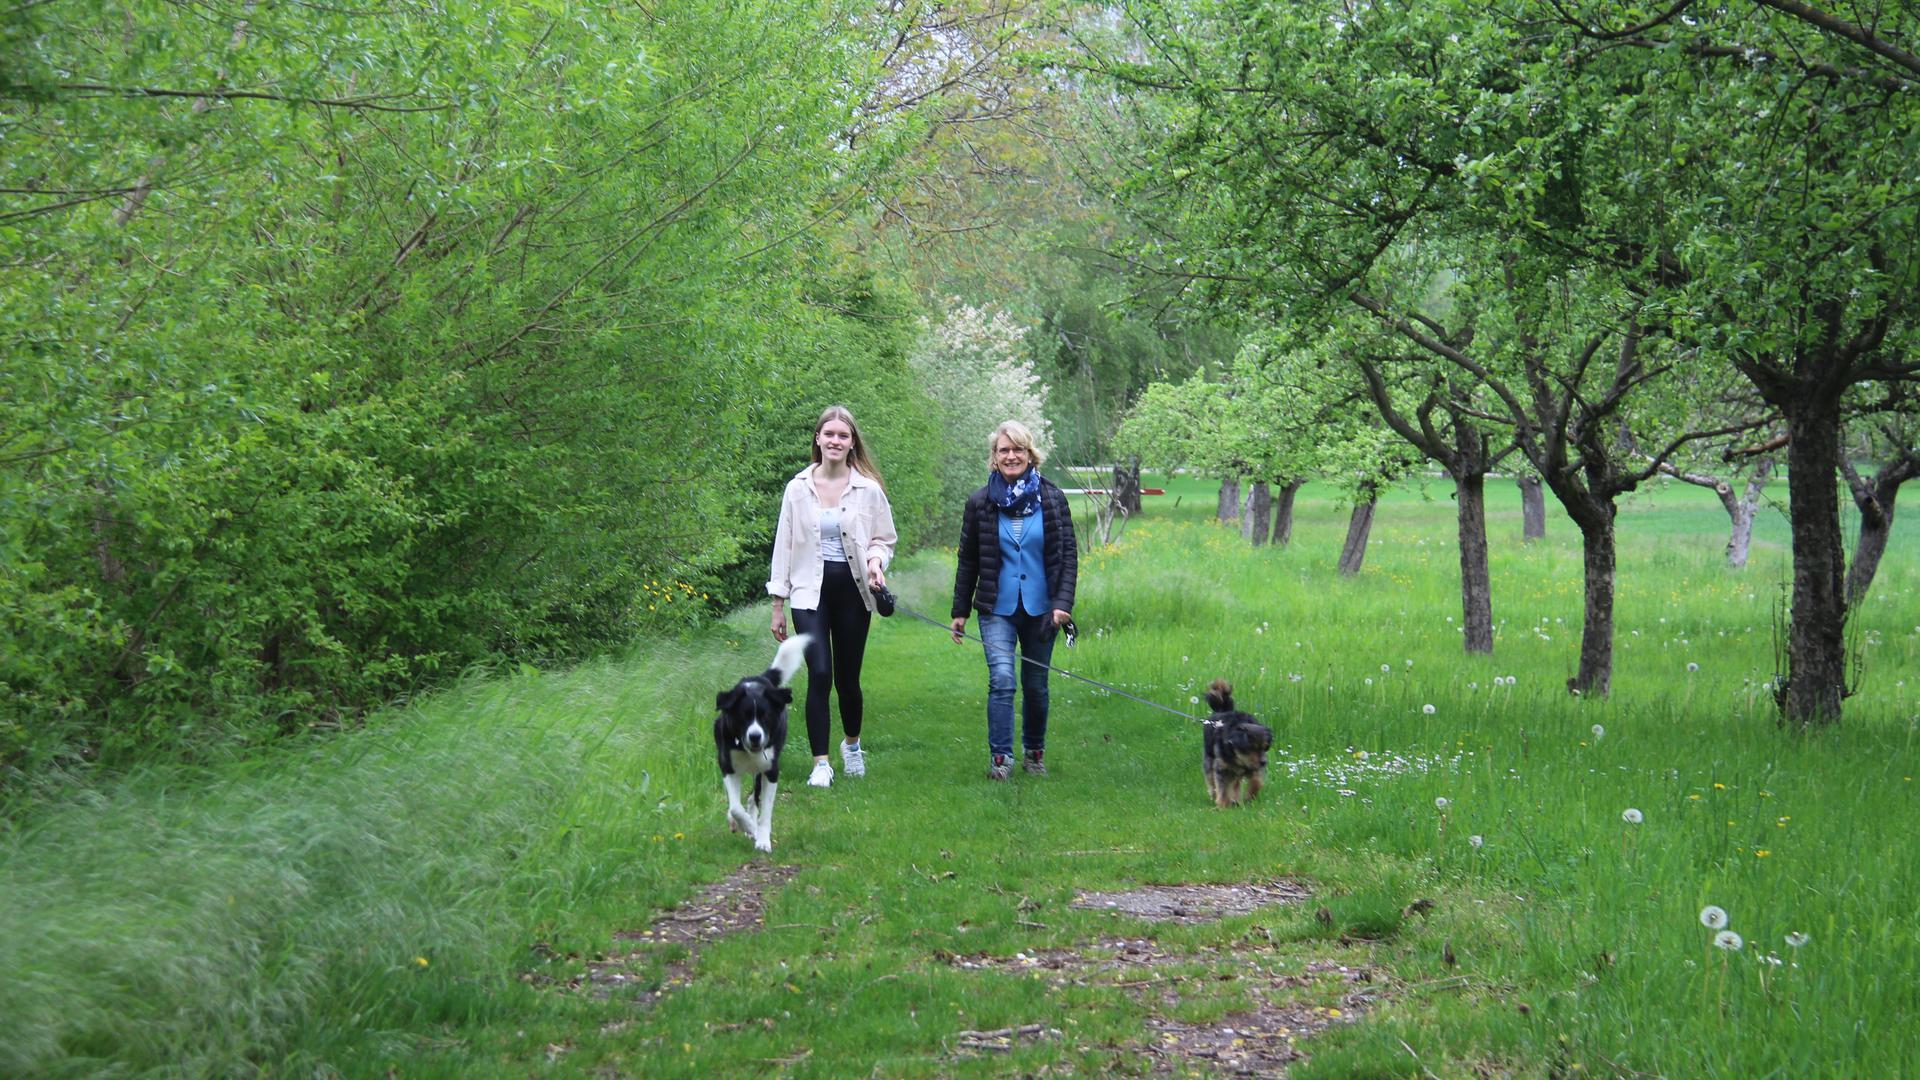 Mutter und Tochter mit zwei Hunden